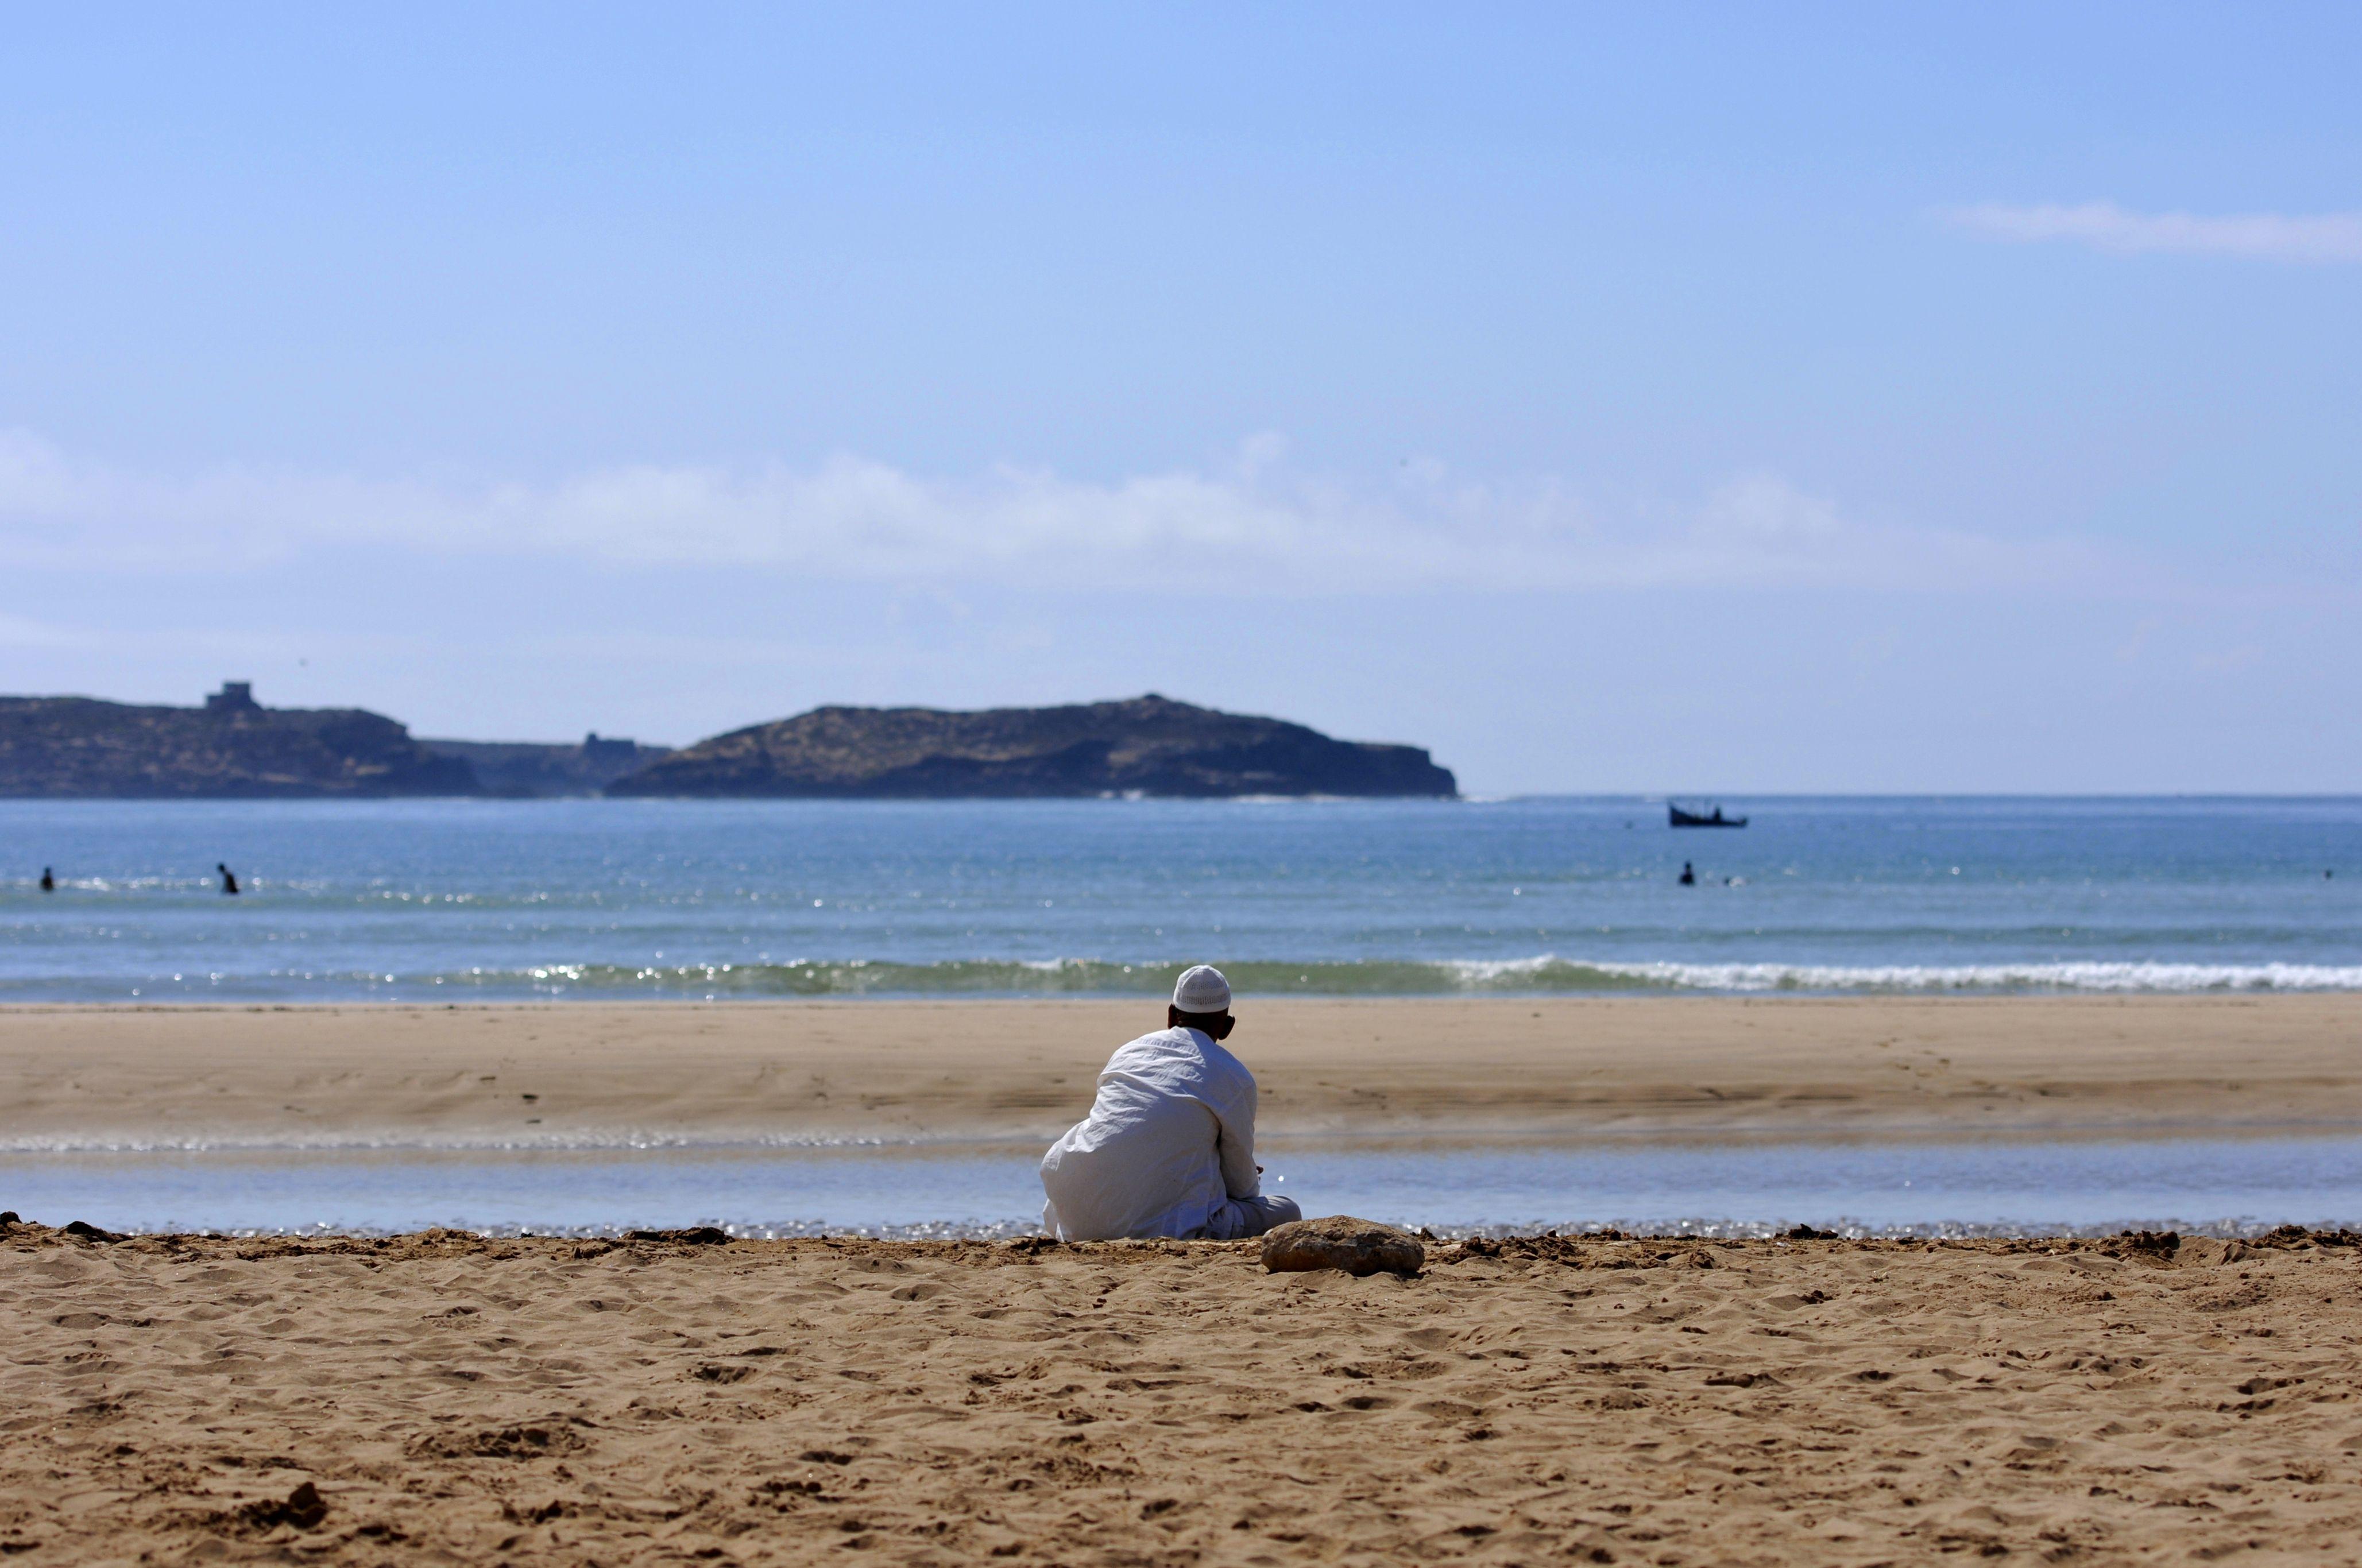 отдых в марокко отзывы туристов и фото чего